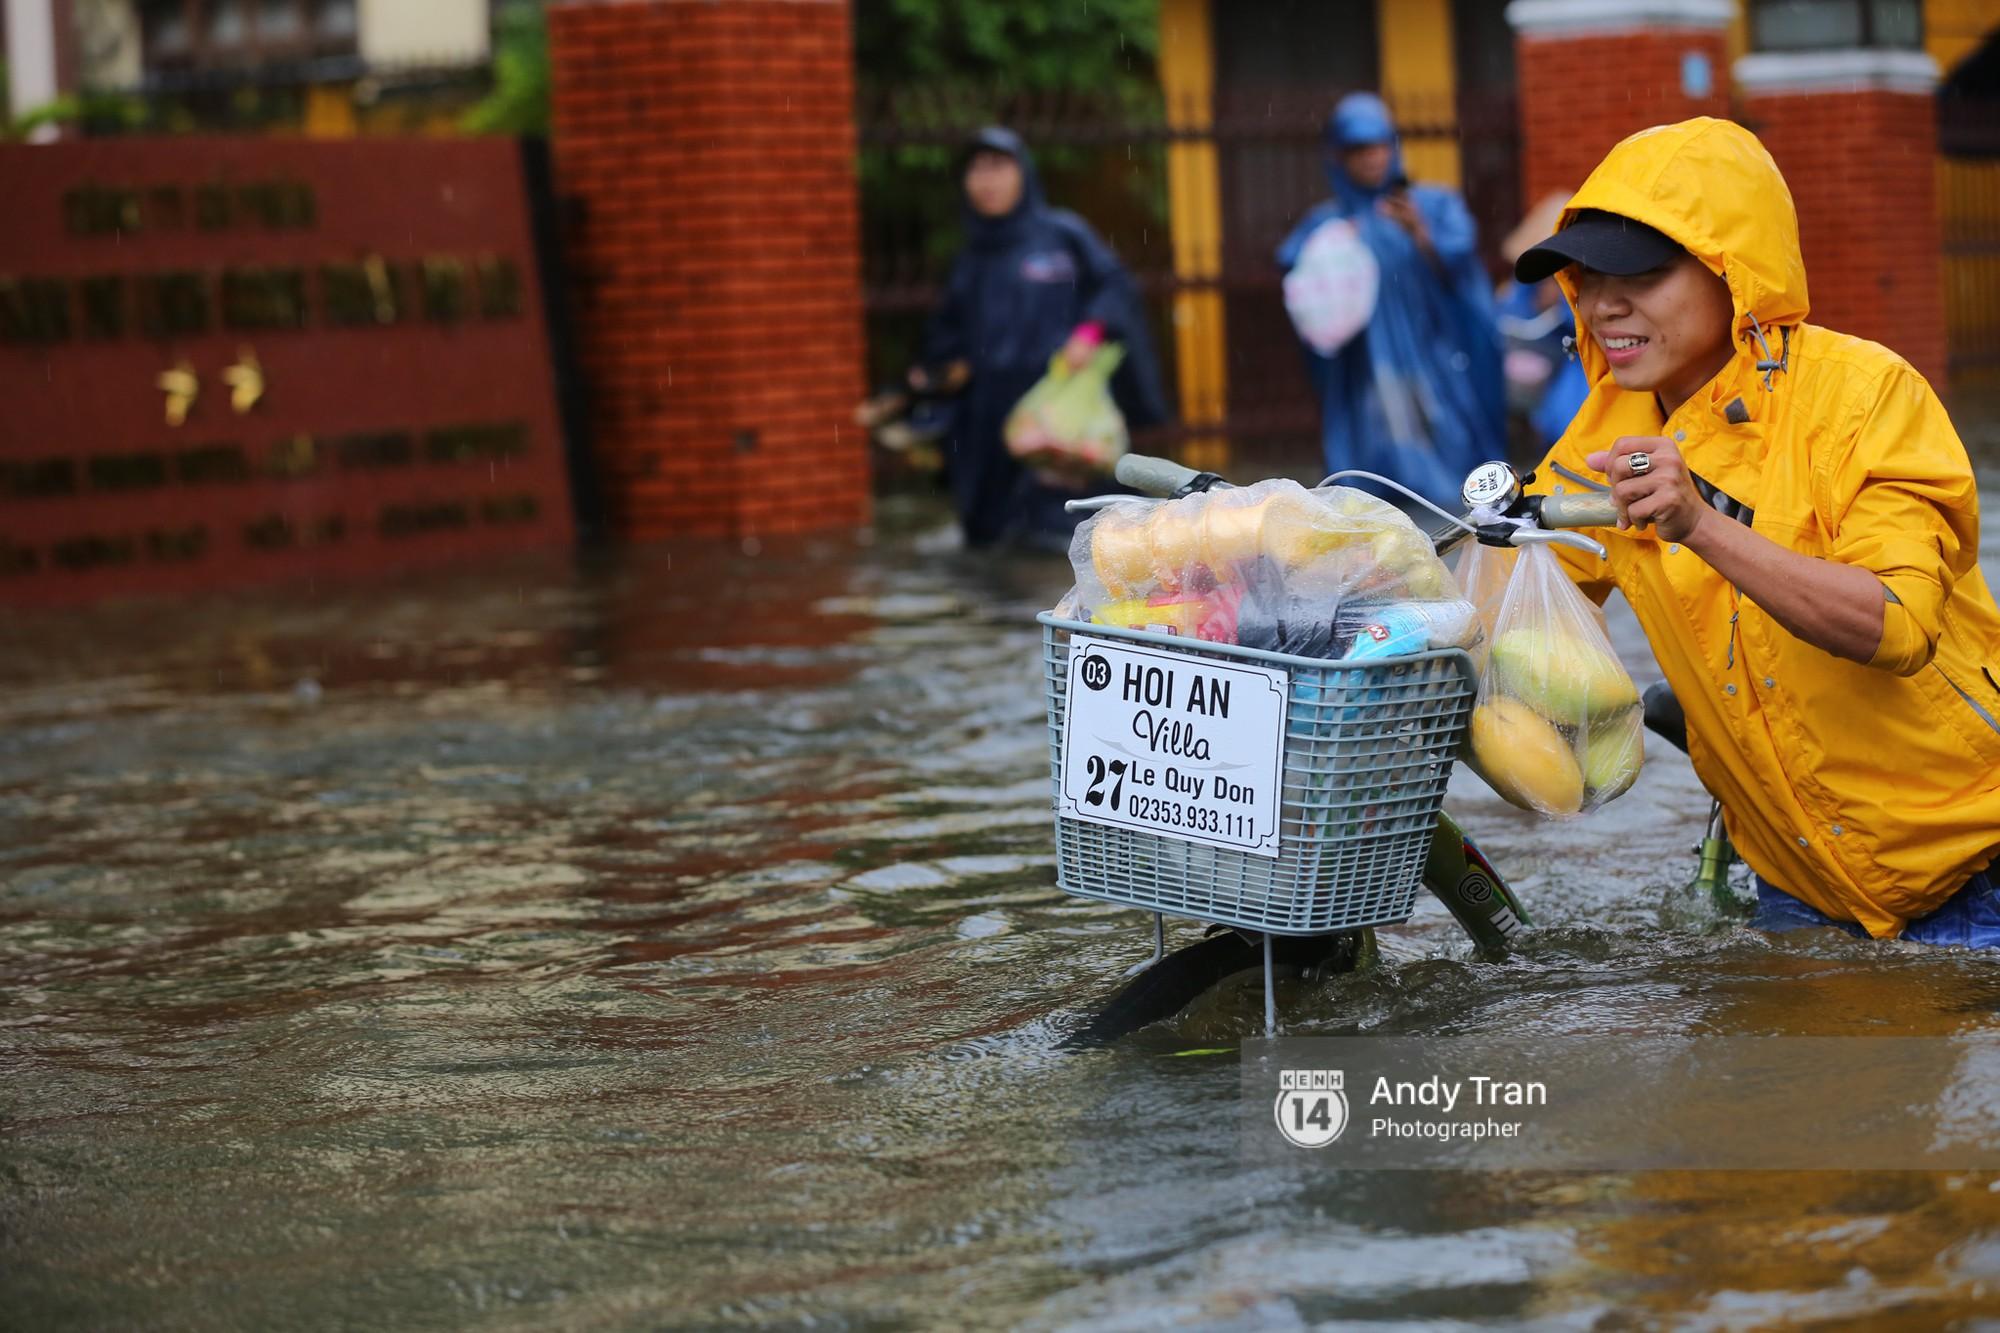 Chùm ảnh: Hội An nước ngập thành sông do ảnh hưởng của bão, người dân và du khách chật vật dùng thuyền bè di chuyển - Ảnh 7.